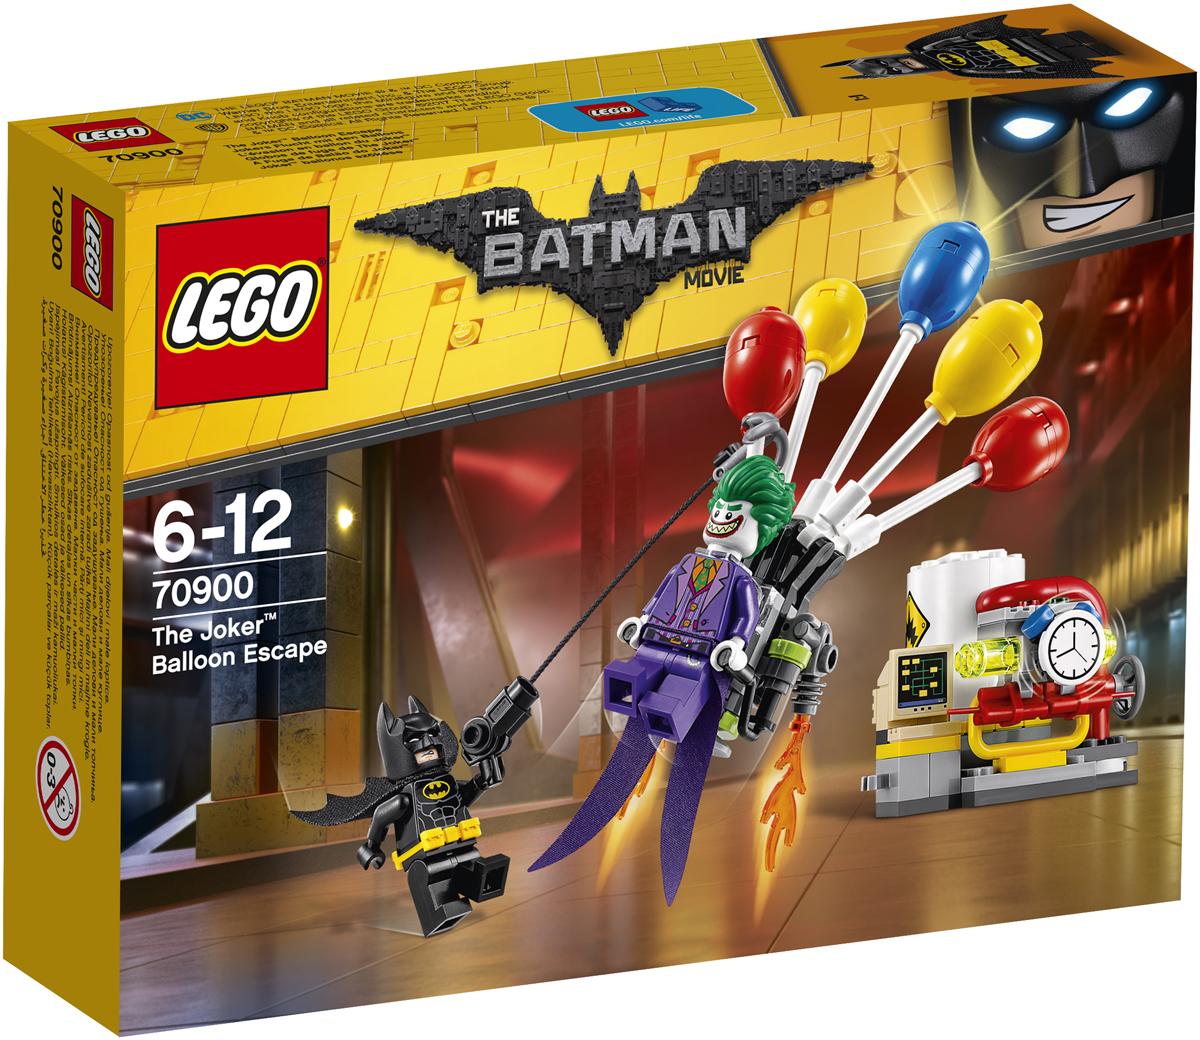 LEGO Batman Movie Конструктор Побег Джокера на воздушном шаре 7090070900Джокер заложил бомбу на электростанции Готем-сити. Объедини силы с Бэтменом и схвати злоумышленника, прежде чем он взорвет электростанцию. Выбери самый безопасный способ избавиться от бомбы, но смотри в оба: Джокер собирается бежать при помощи своего рюкзака с воздушными шарами. Направь на него свою гарпунную пушку и не позволь этому ухмыляющемуся суперзлодею улизнуть.